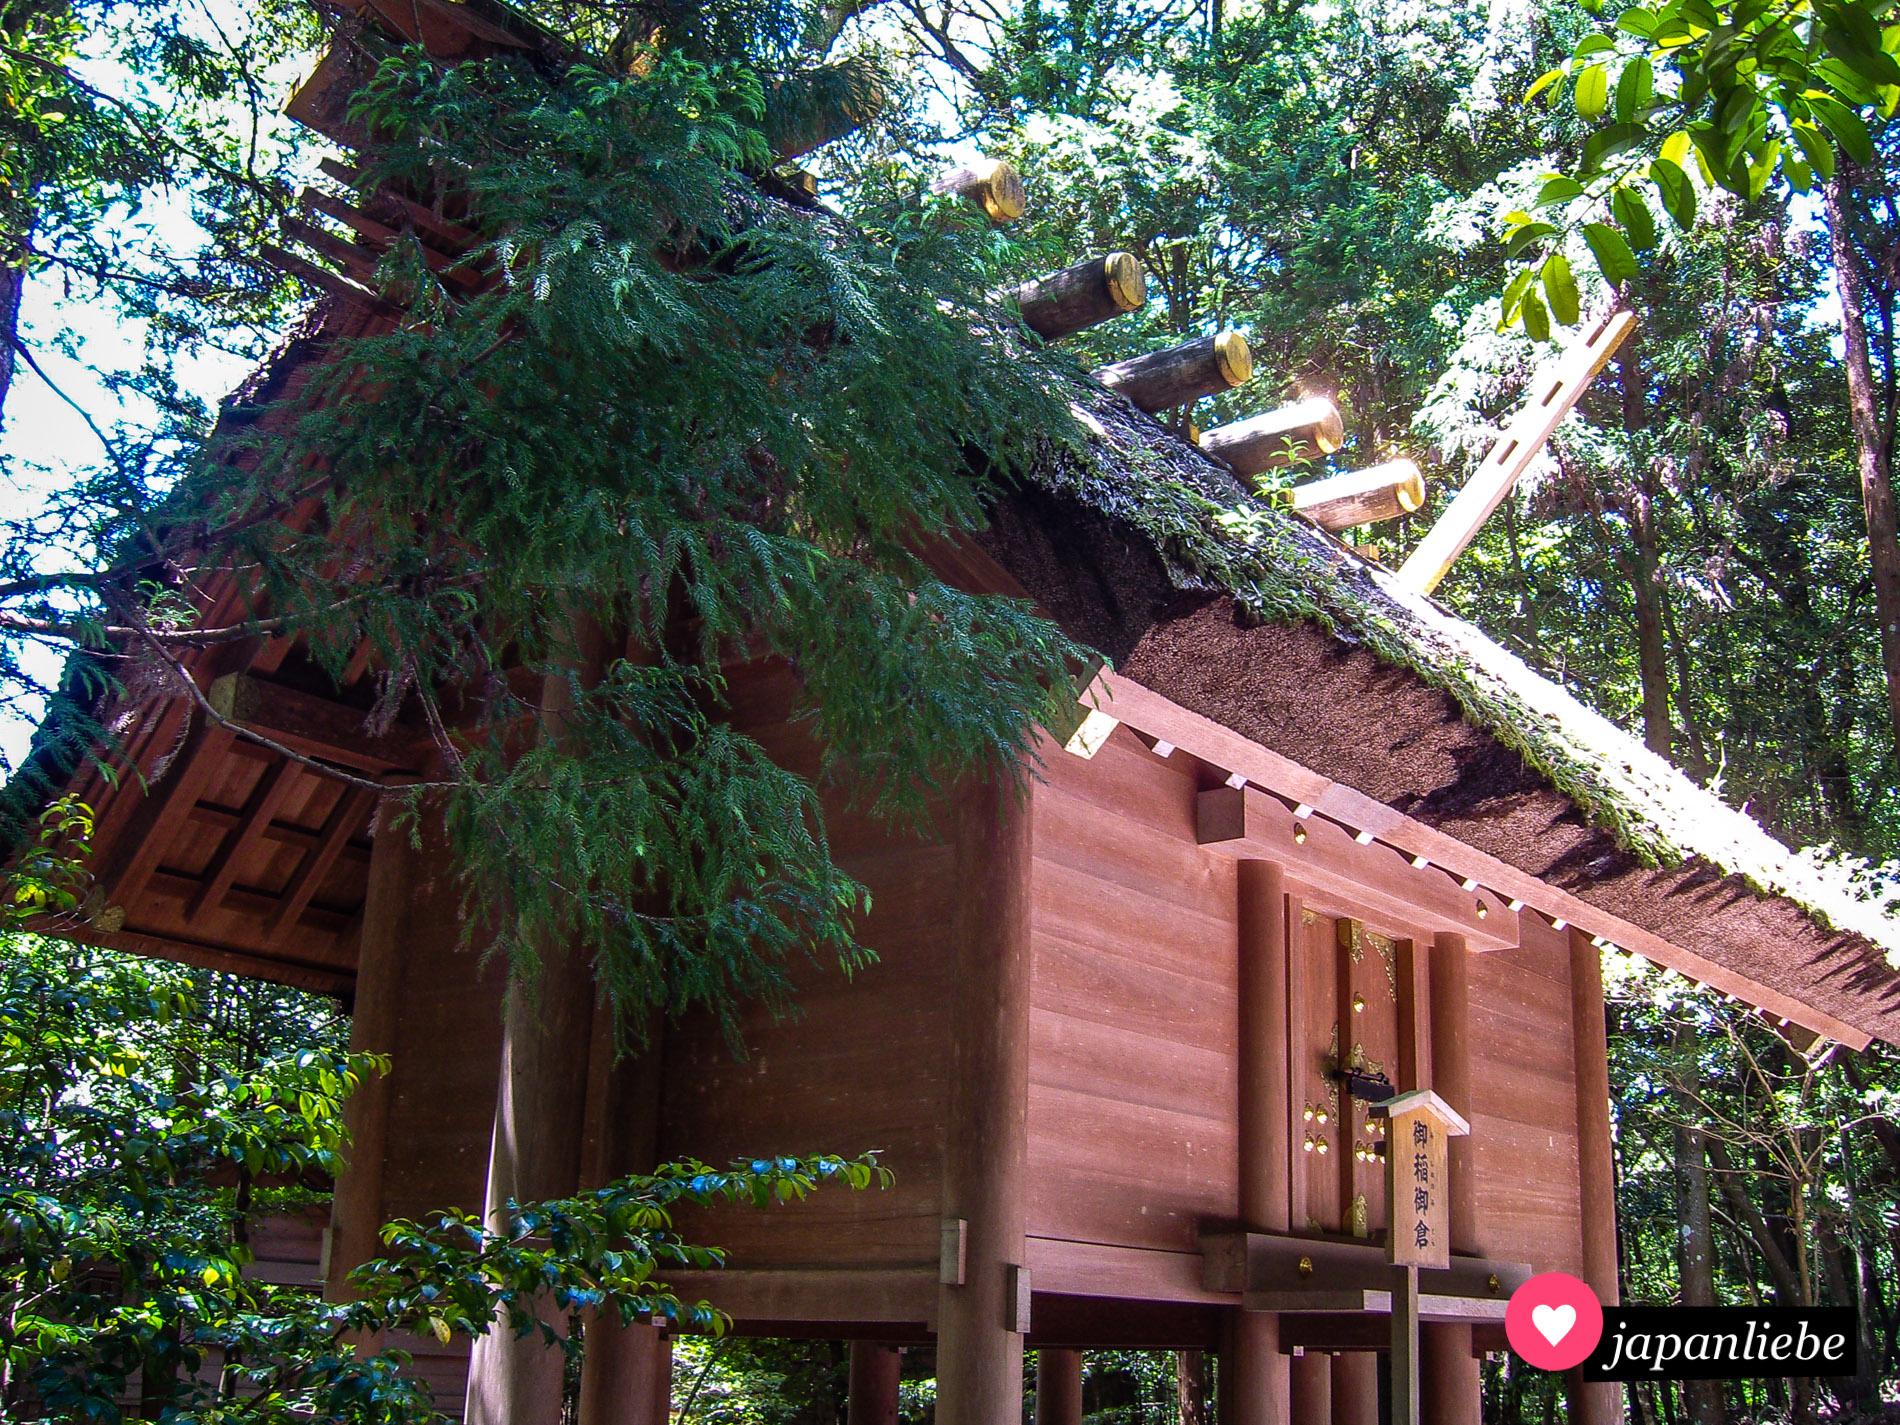 Ein Gebäude auf dem Areal des Ise-Großschreins im dort typischen yuiitsu shinmei-zukuri-Baustil, der an Lagerhäuser aus der Yayoi-Zeit erinnert.